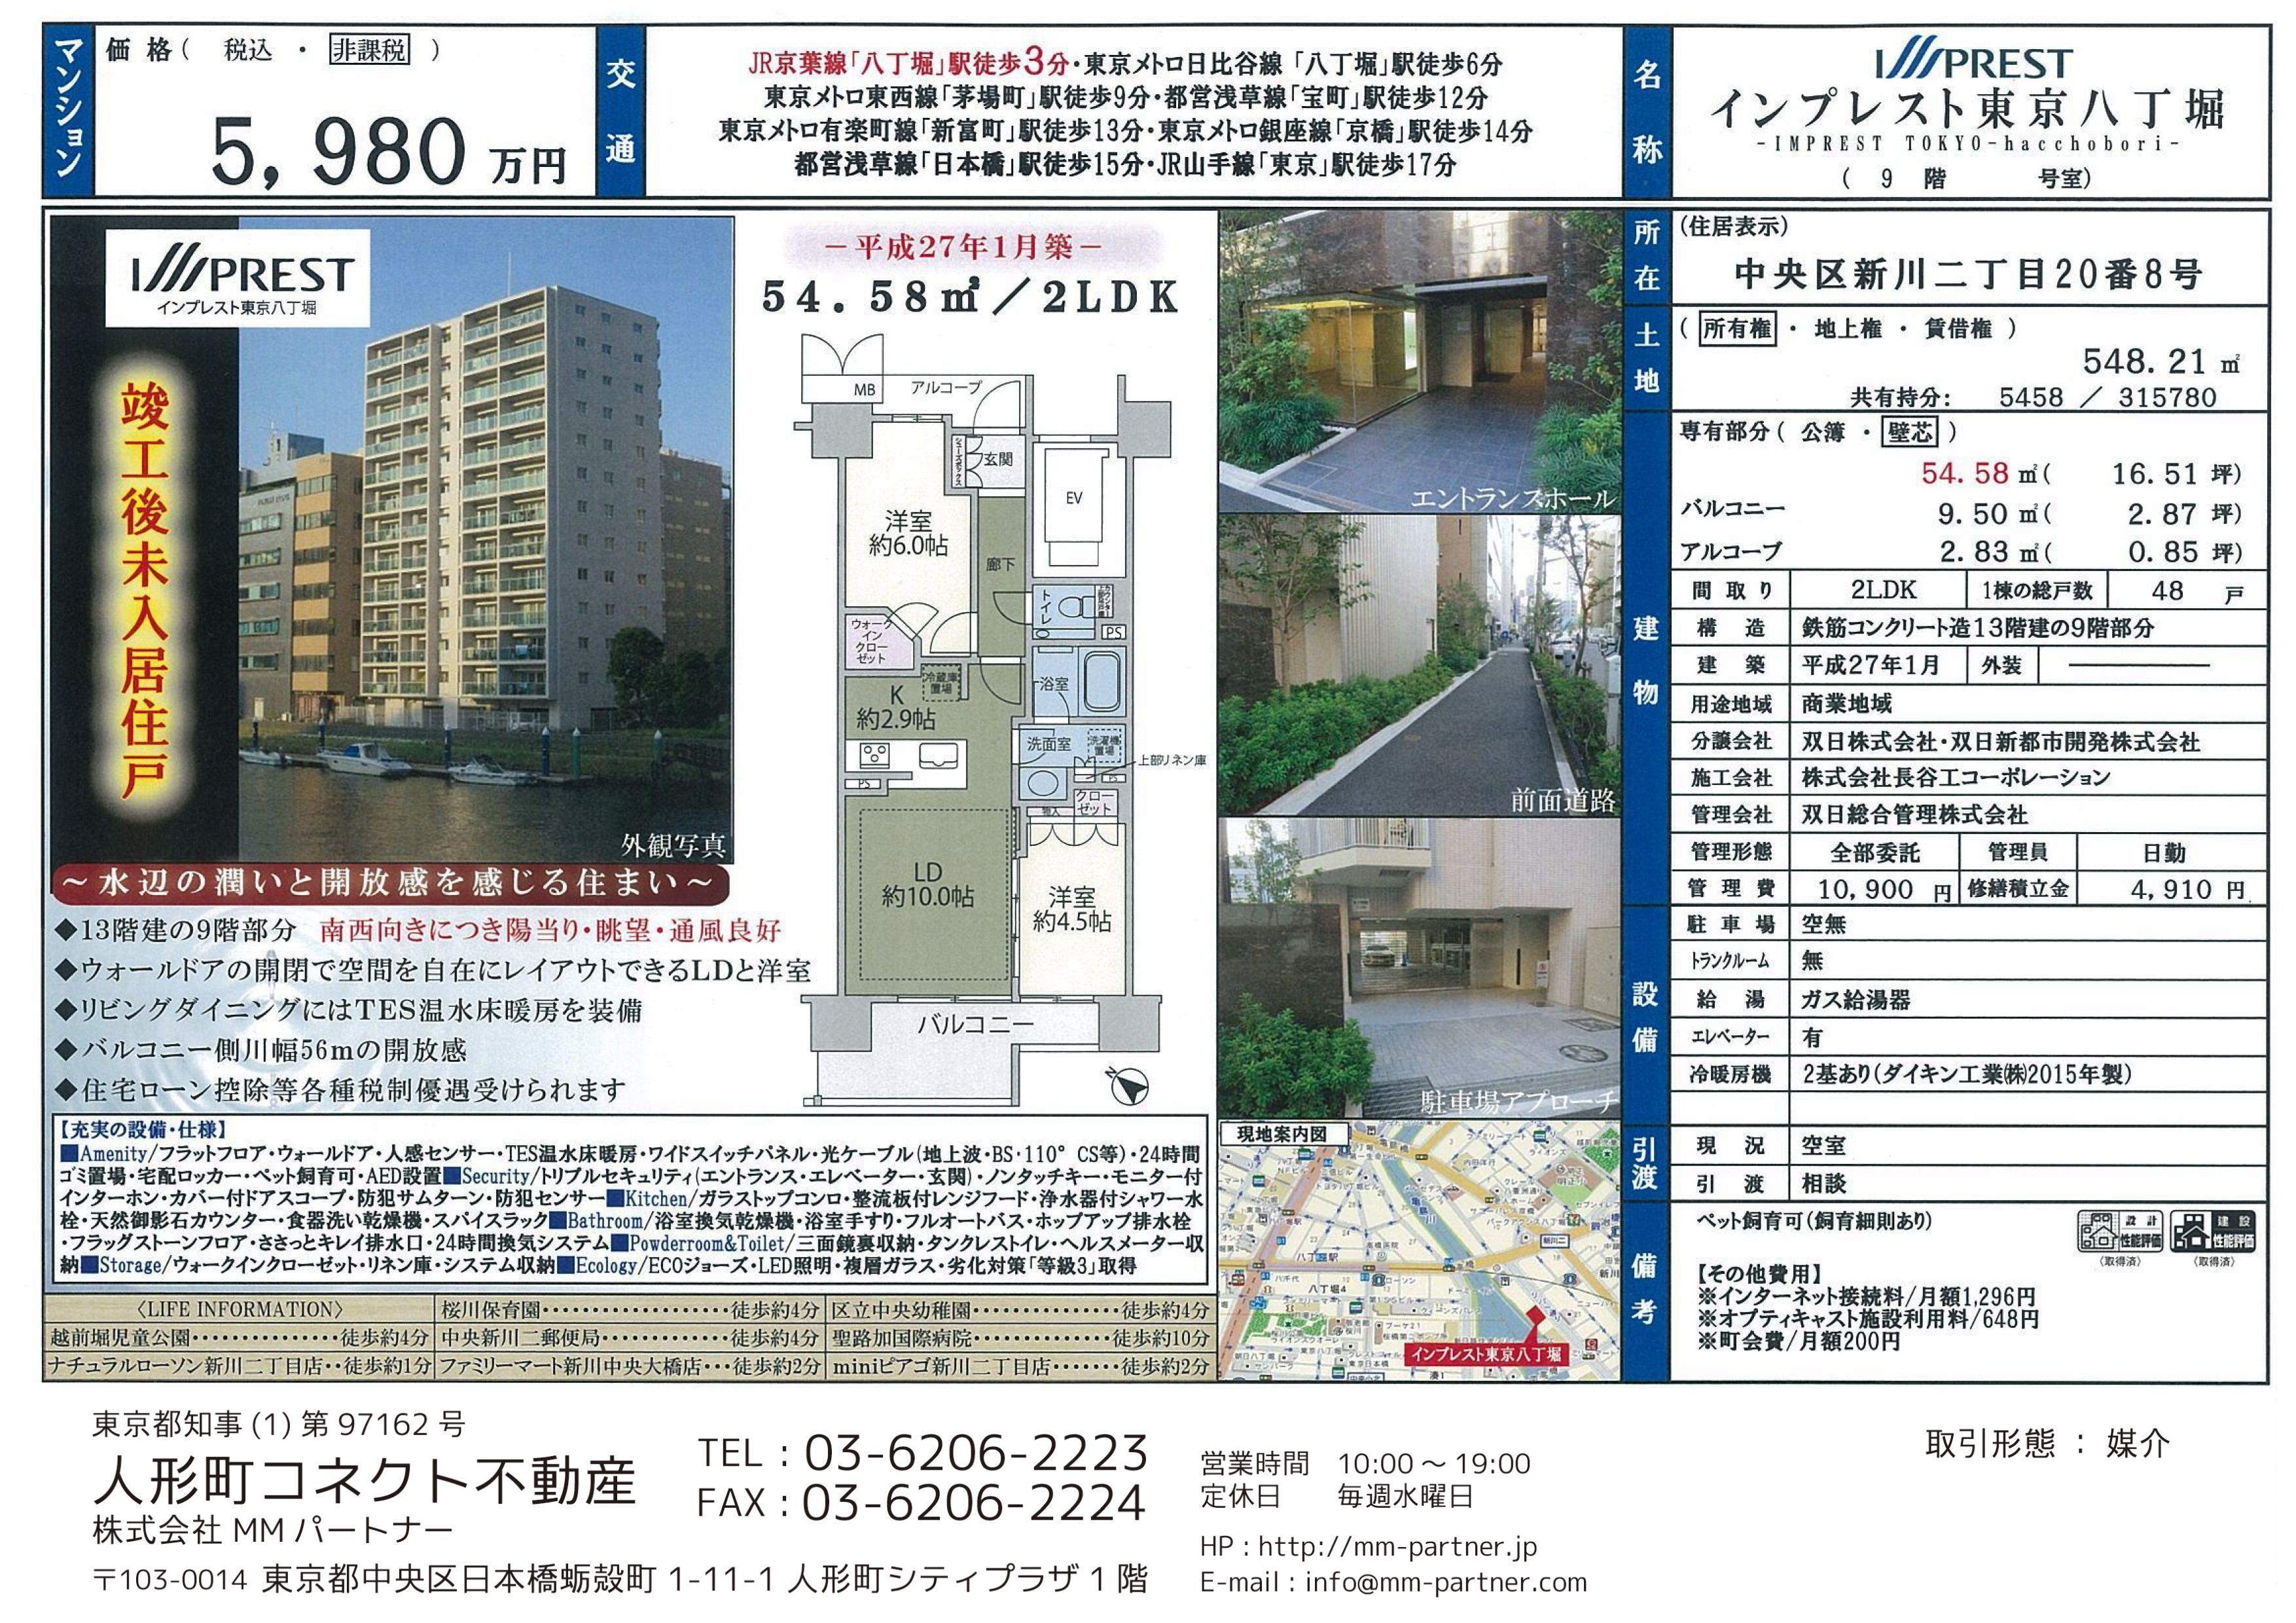 インプレスト東京八丁堀図面